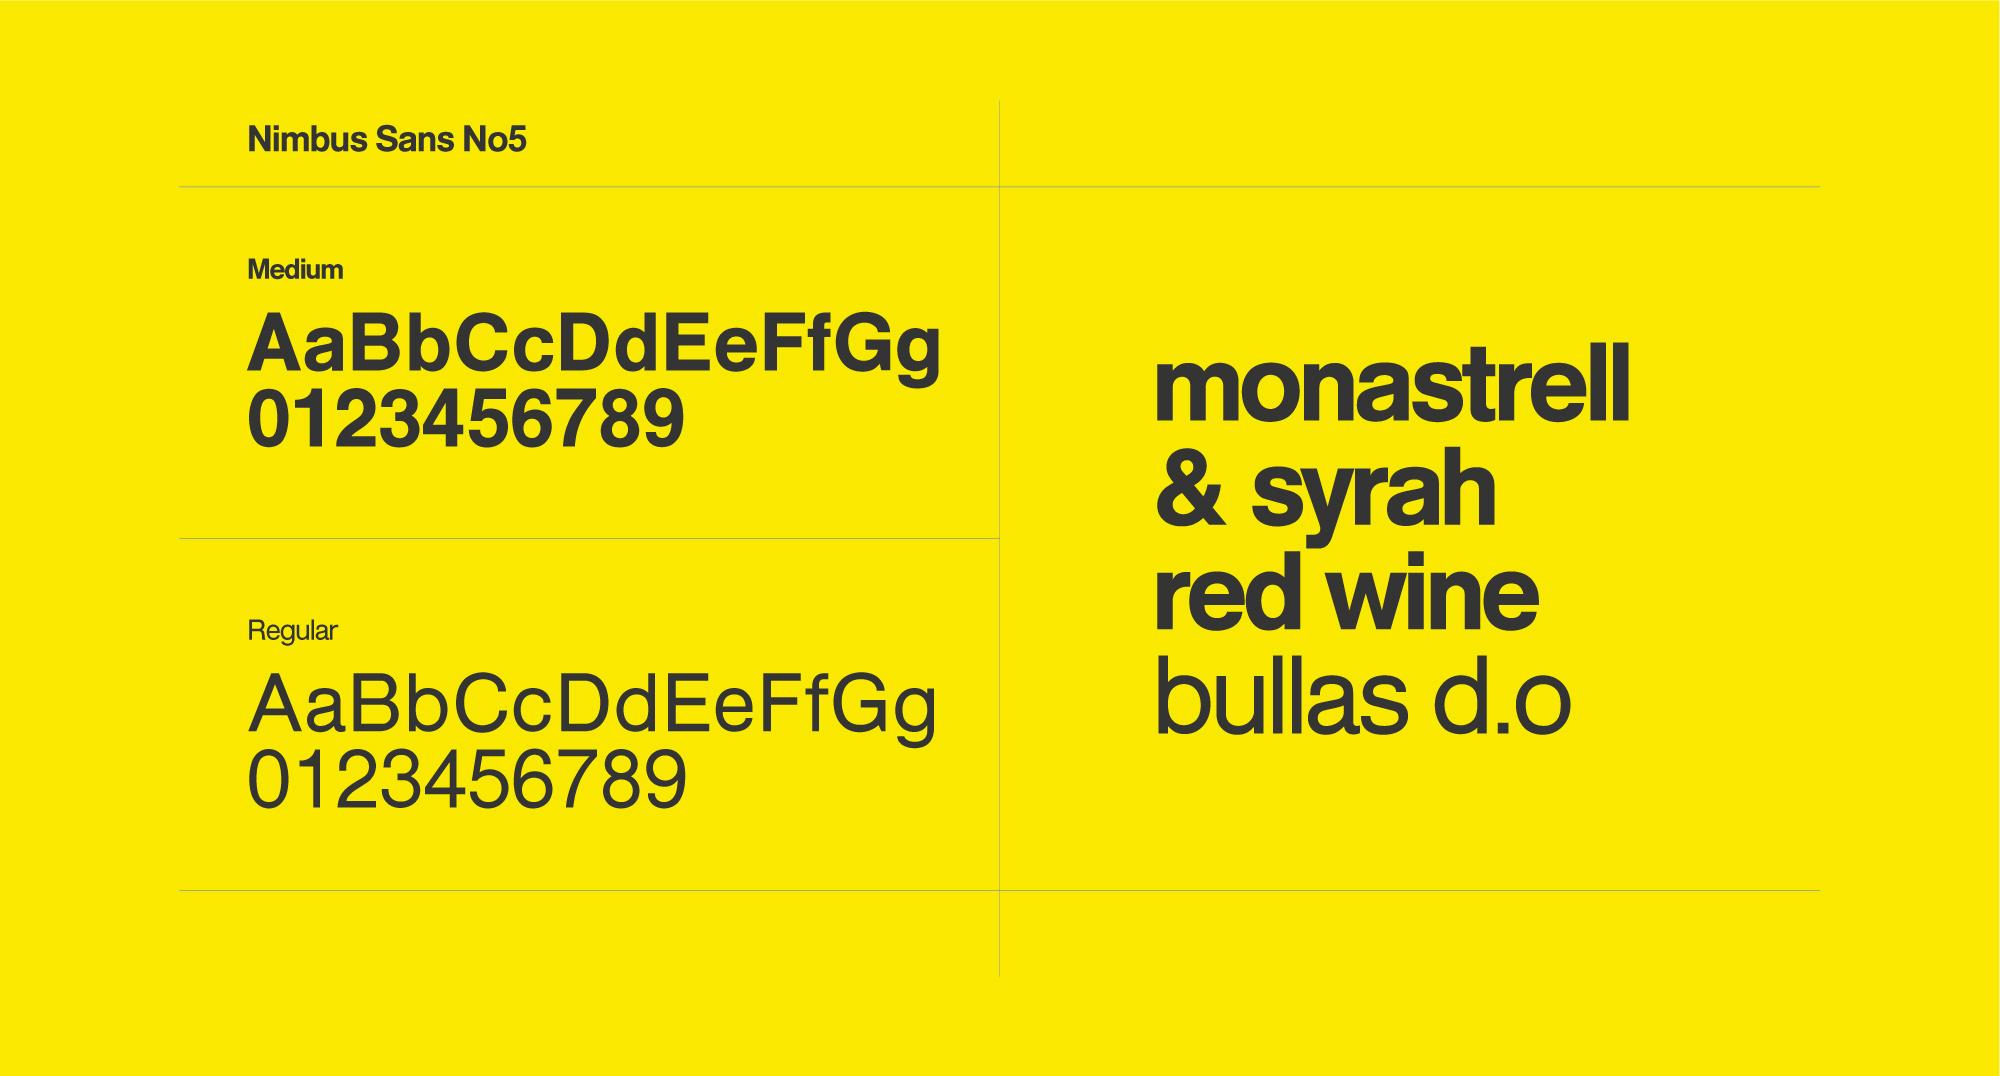 Orgullo-wine-branding-01